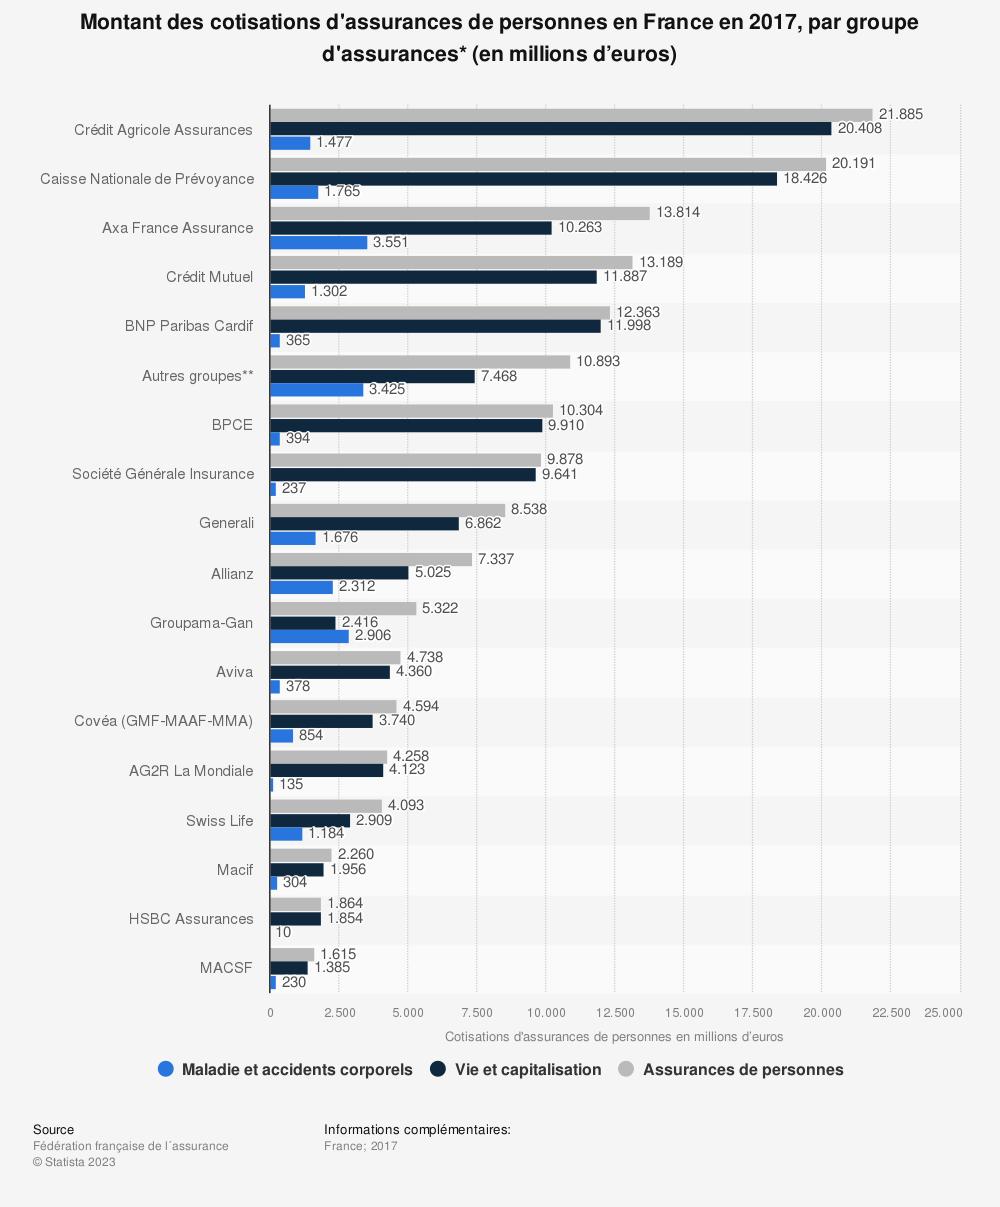 Statistique: Montant des cotisations d'assurances de personnes en France en 2017, par groupe d'assurances* (en millions d'euros) | Statista